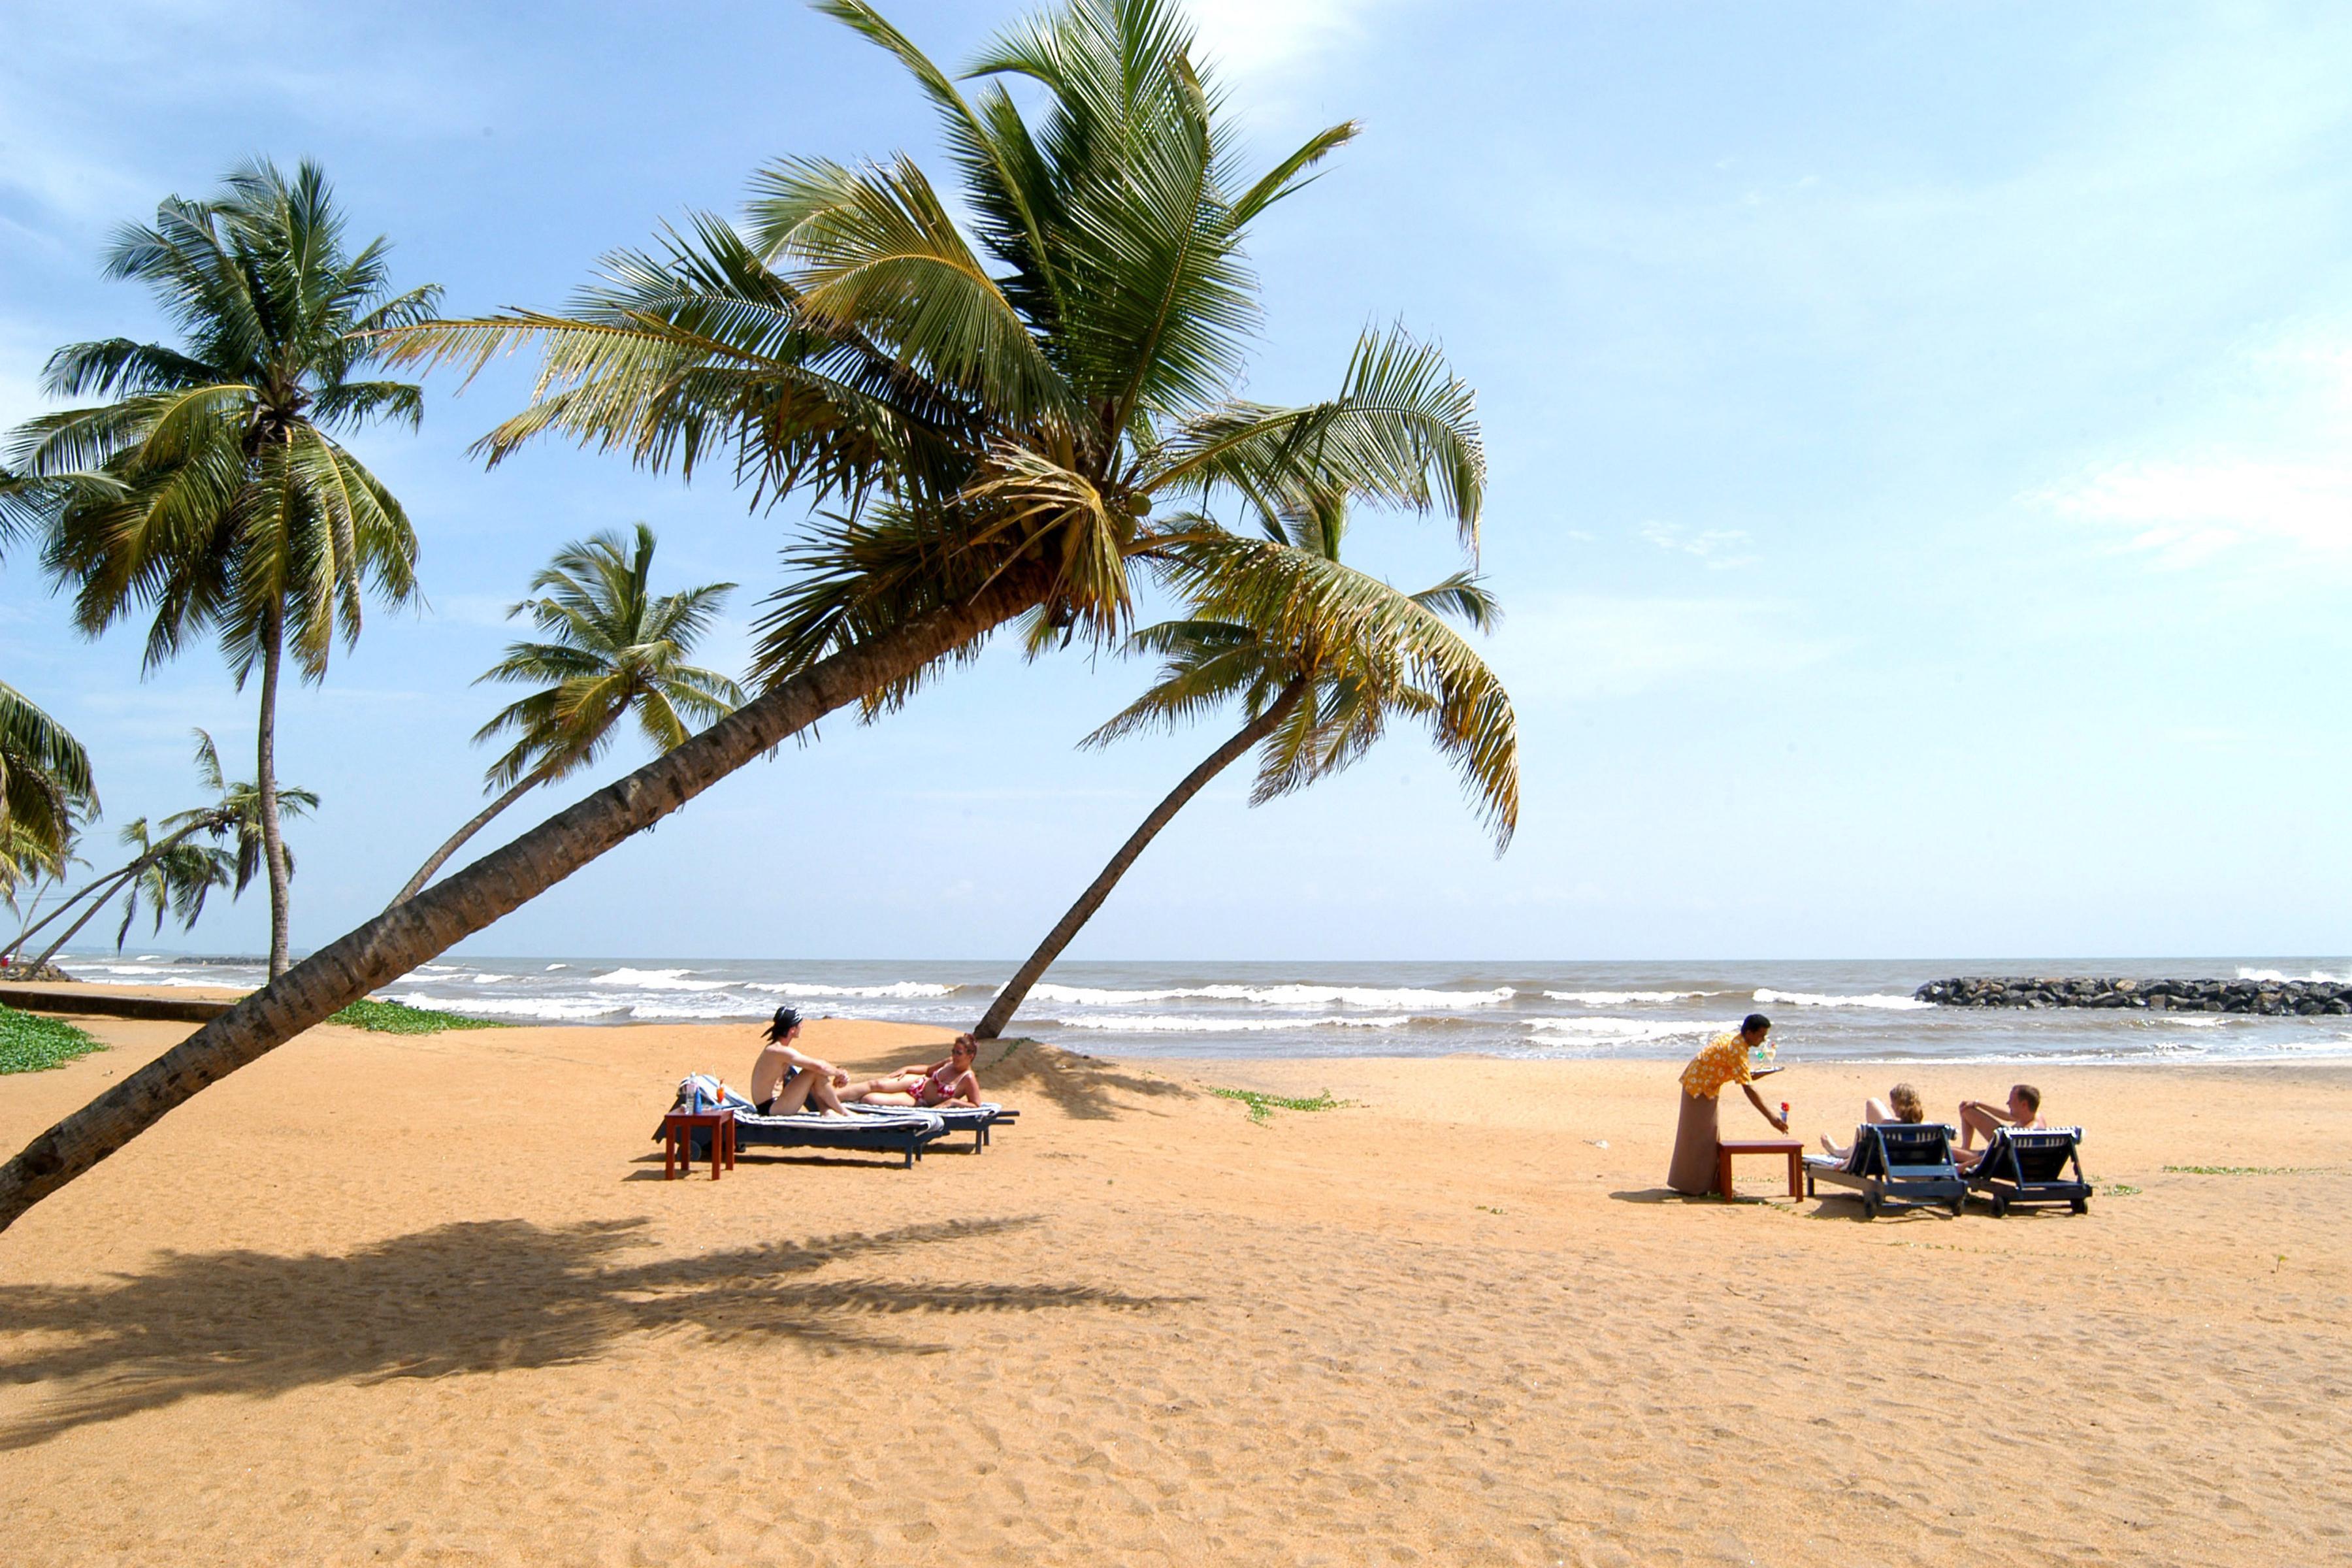 Beach Hotel Deals